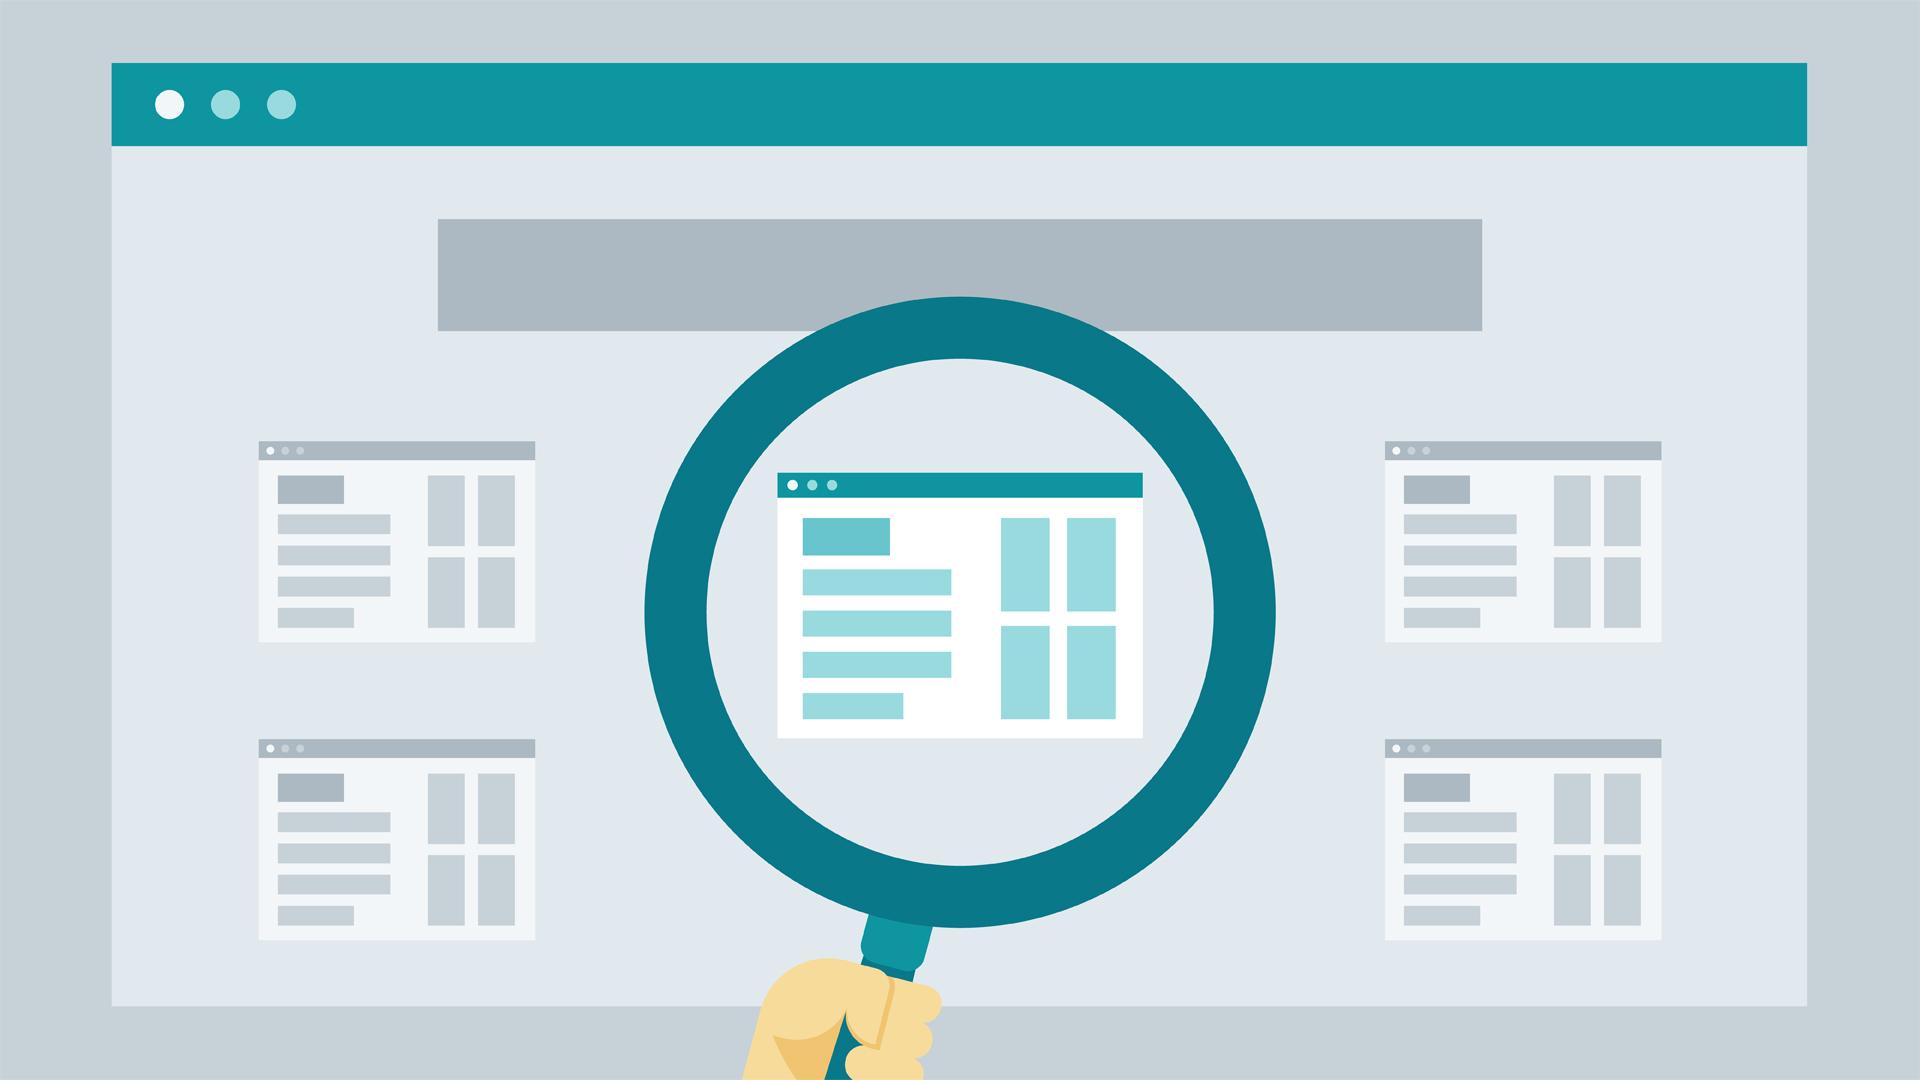 Thiết kế website giá rẻ, Như thế nào được gọi là rẻ?